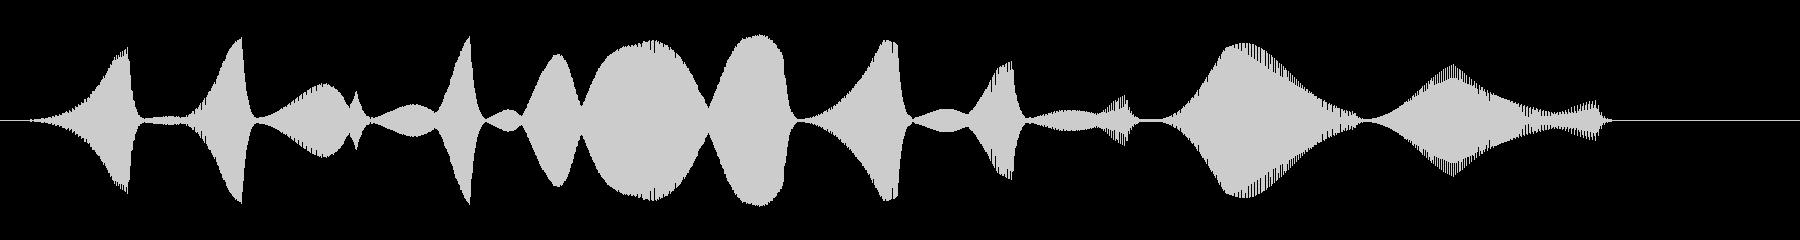 コミカル電子音/おばけ/ツッコミの未再生の波形